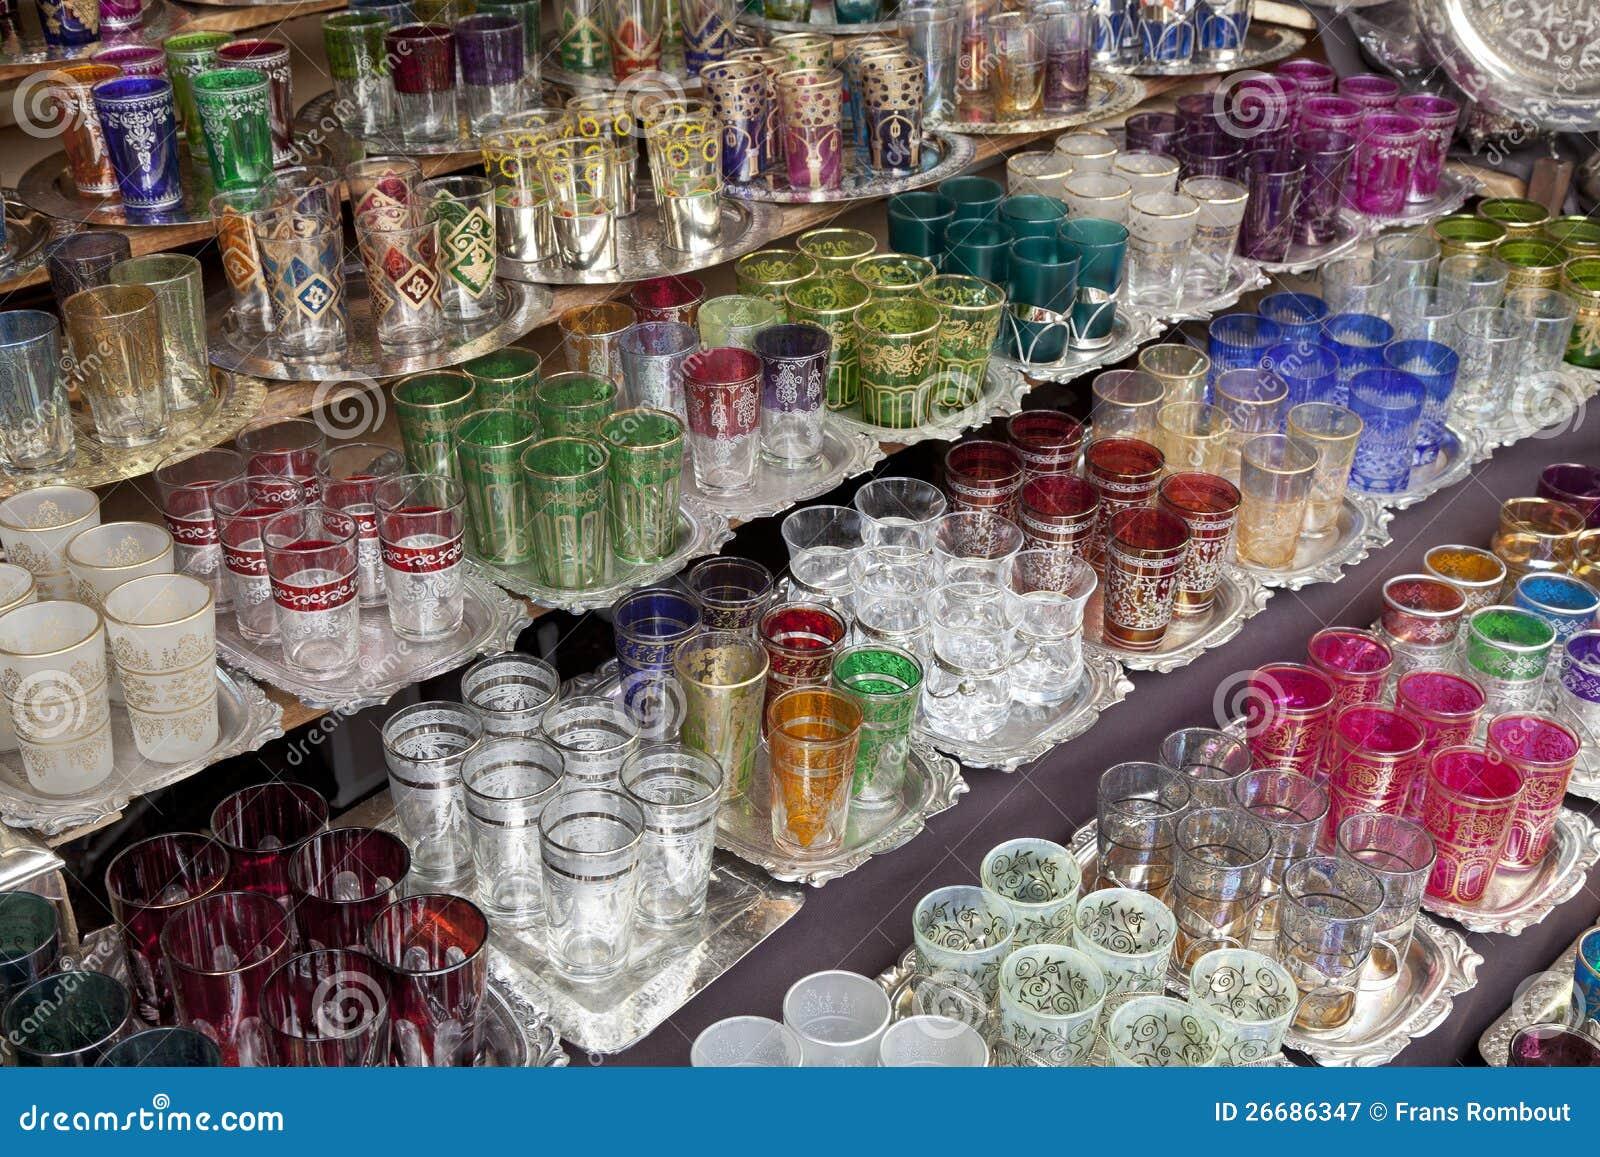 Marokkaans glaswerk voor verkoop royalty vrije stock fotografie beeld 26686347 - Marokkaans ajoure teken ...